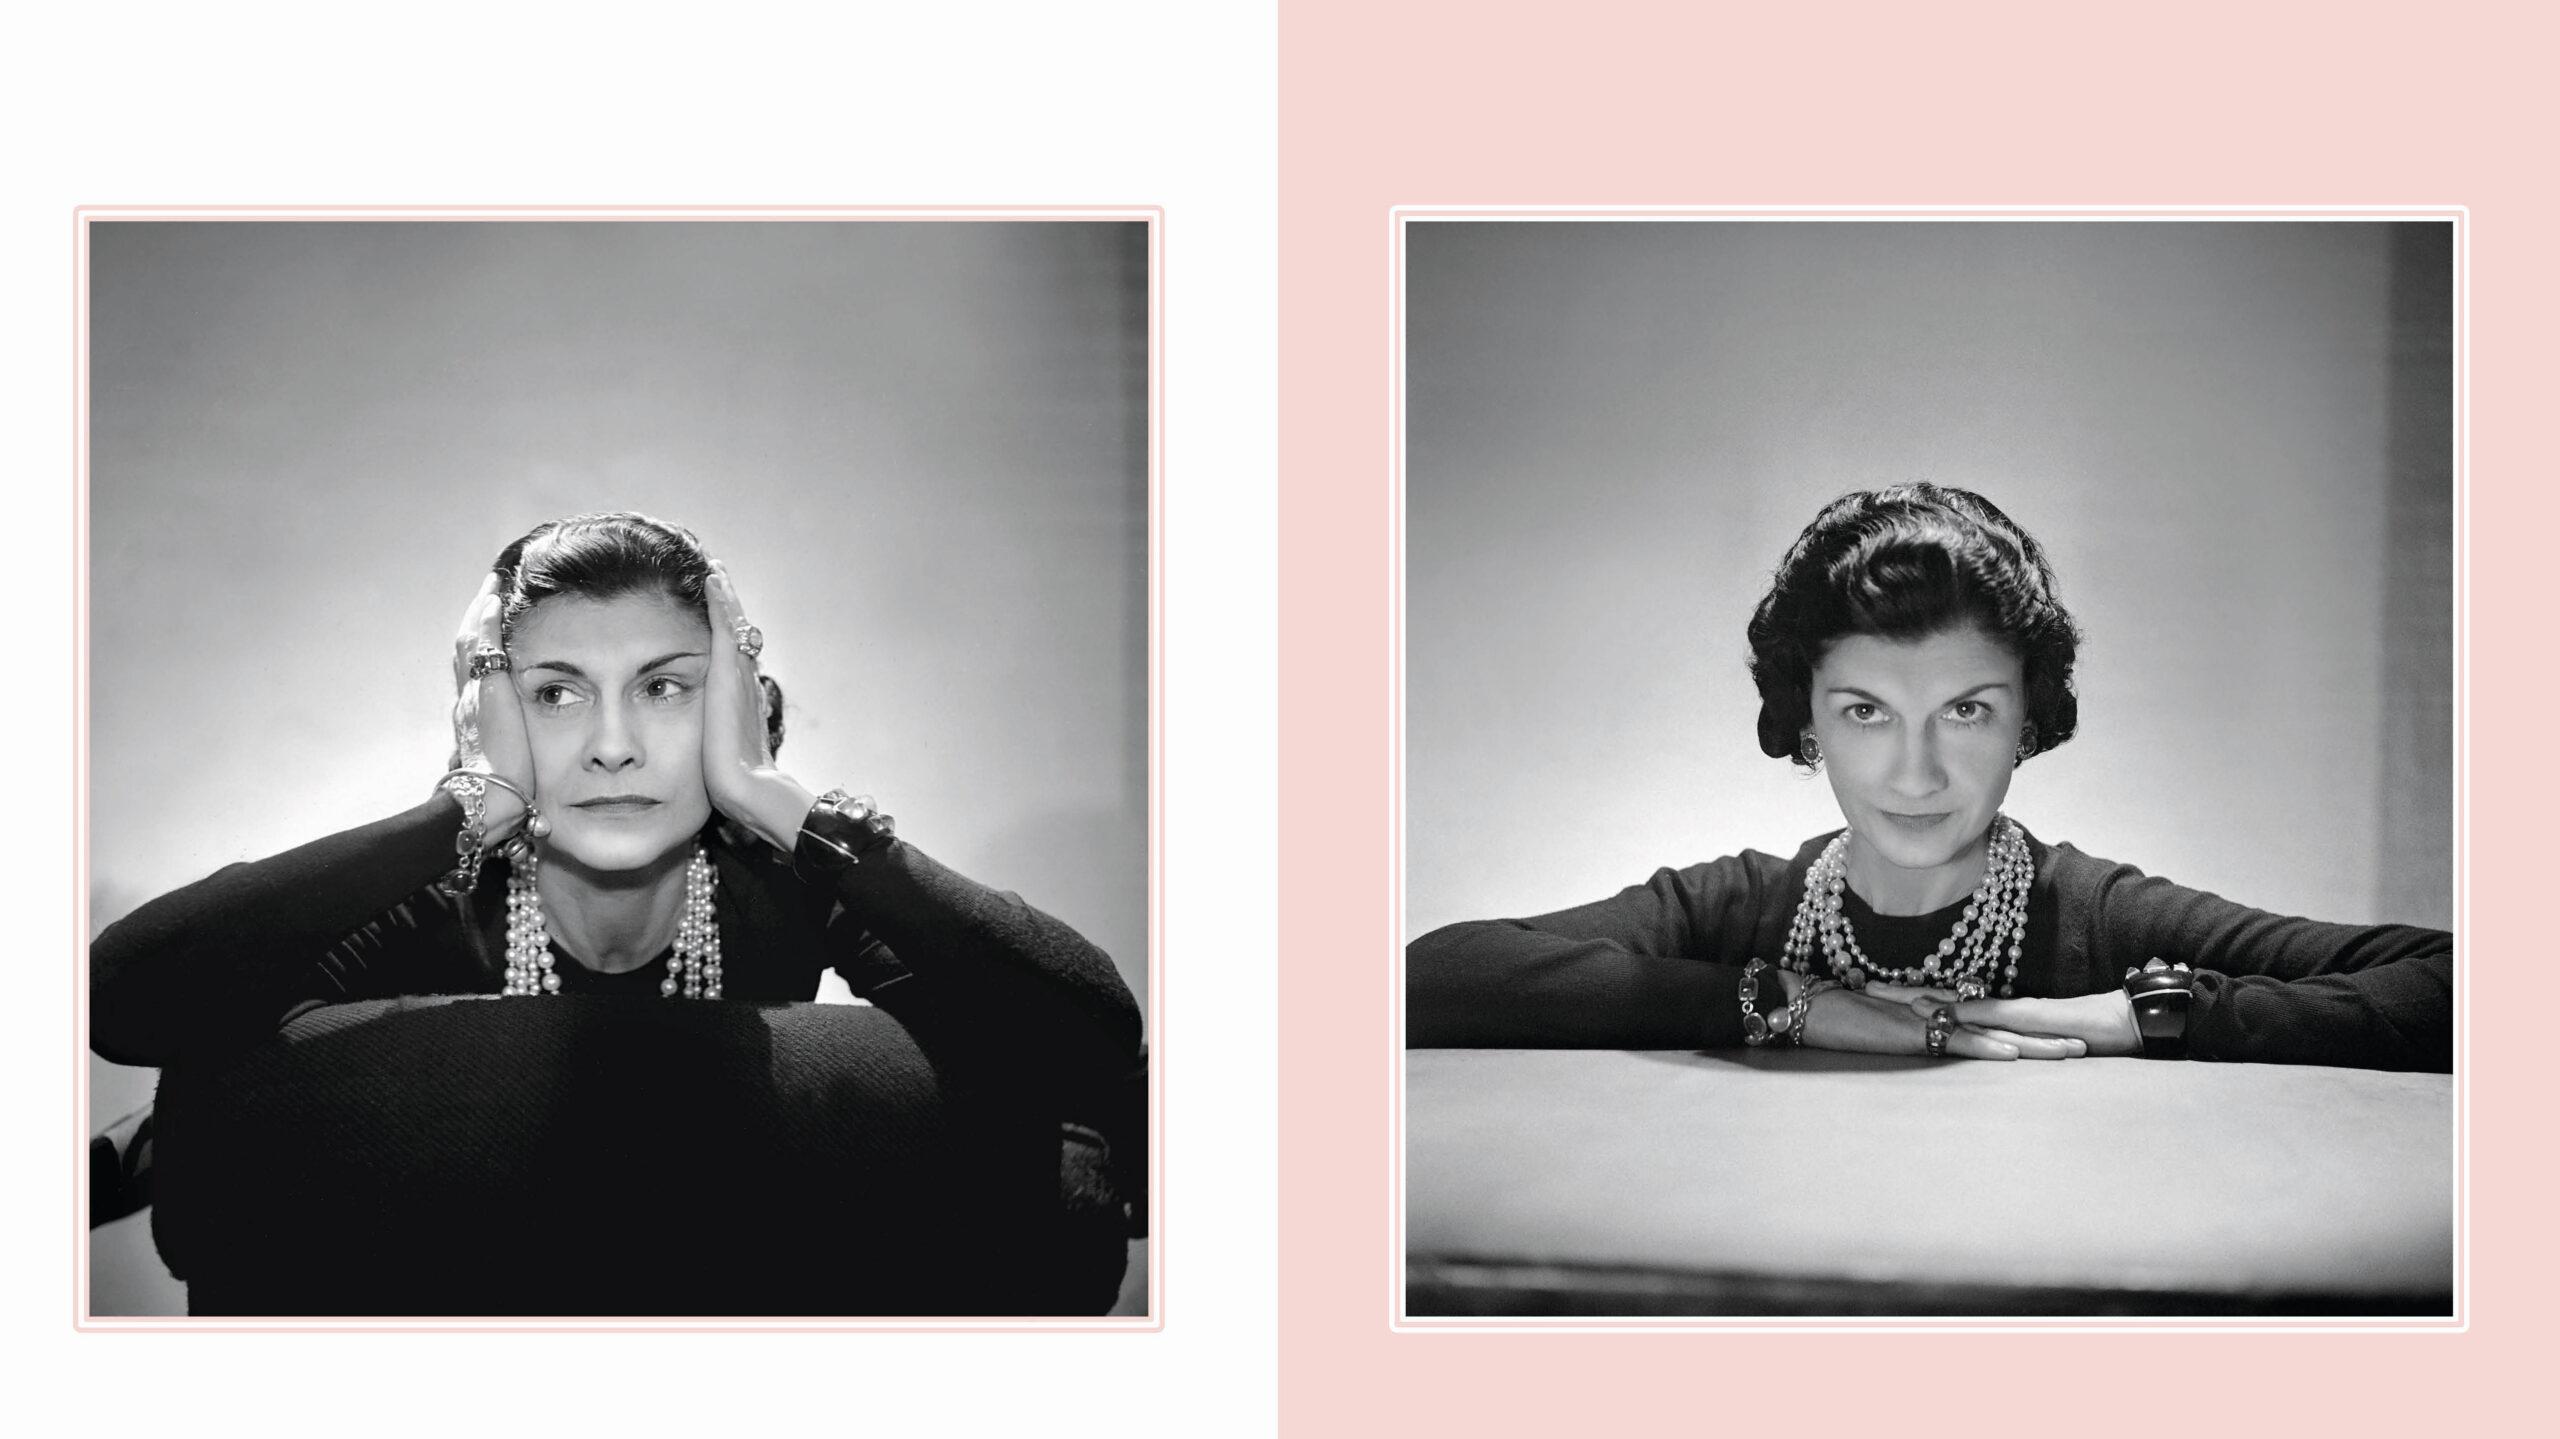 La moda passa, lo stile resta. La nuova biografia di Coco Chanel